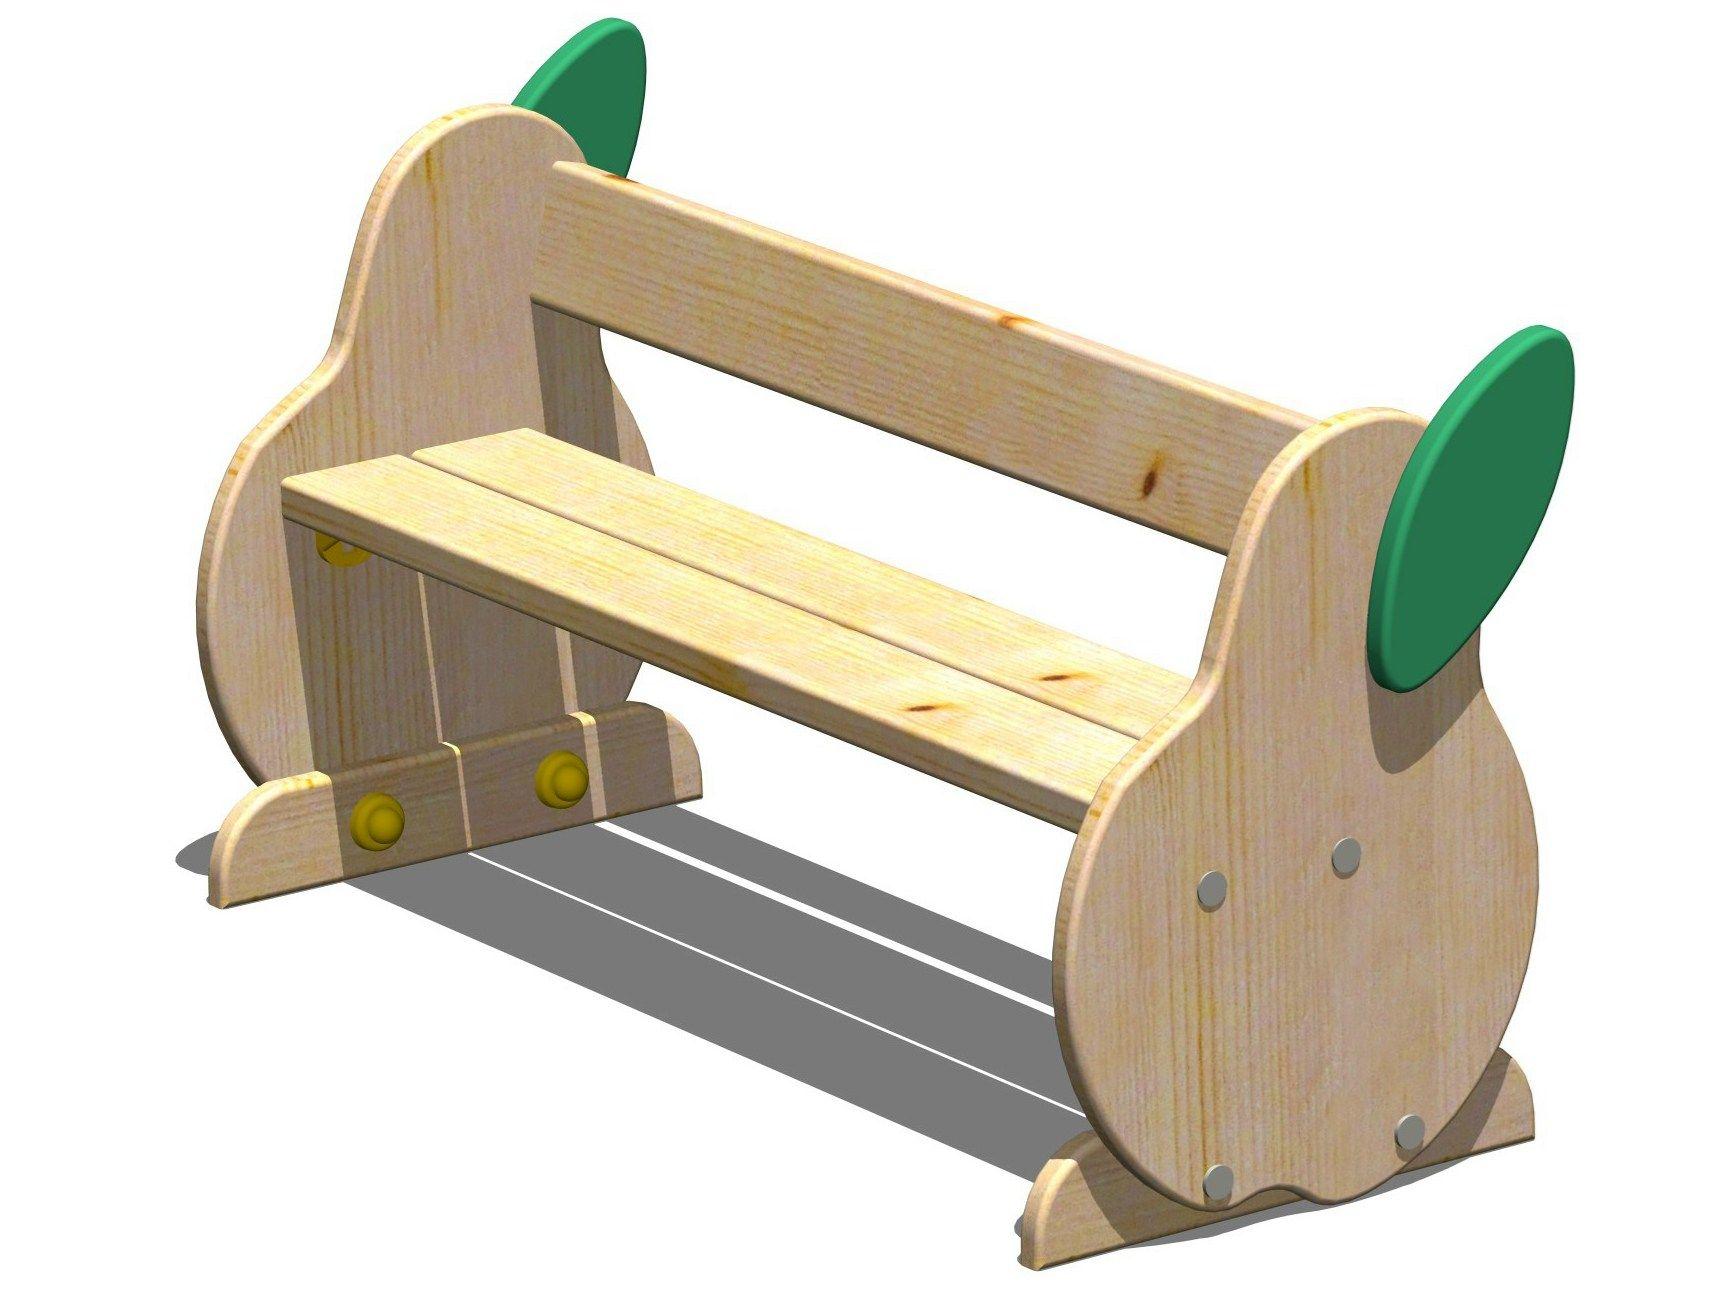 Sedie E Panche Da Giardino.Tavolini Per Bambini Da Esterno Tavoli E Panchine In Legno Da